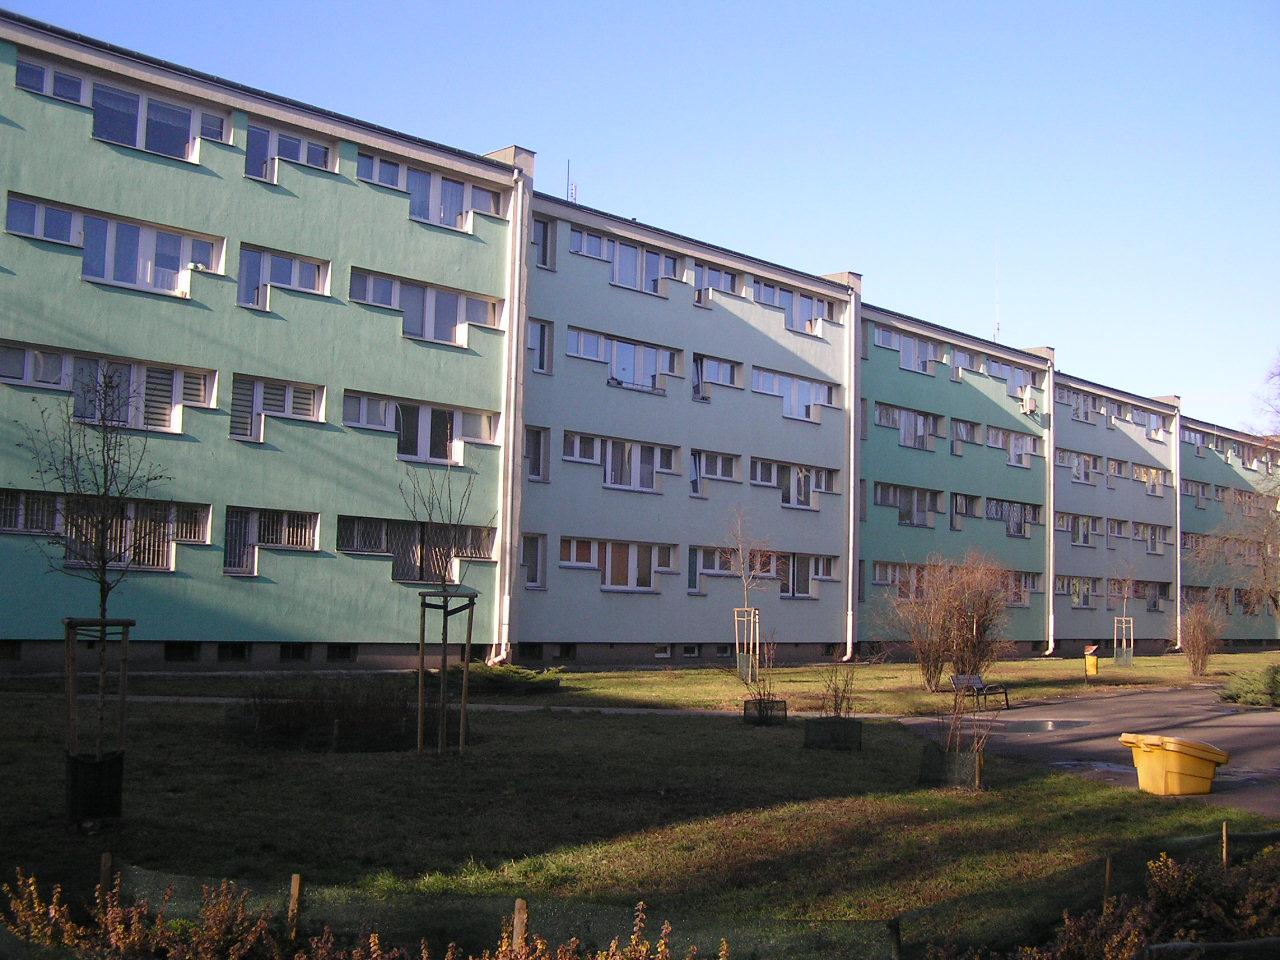 Osowska 89